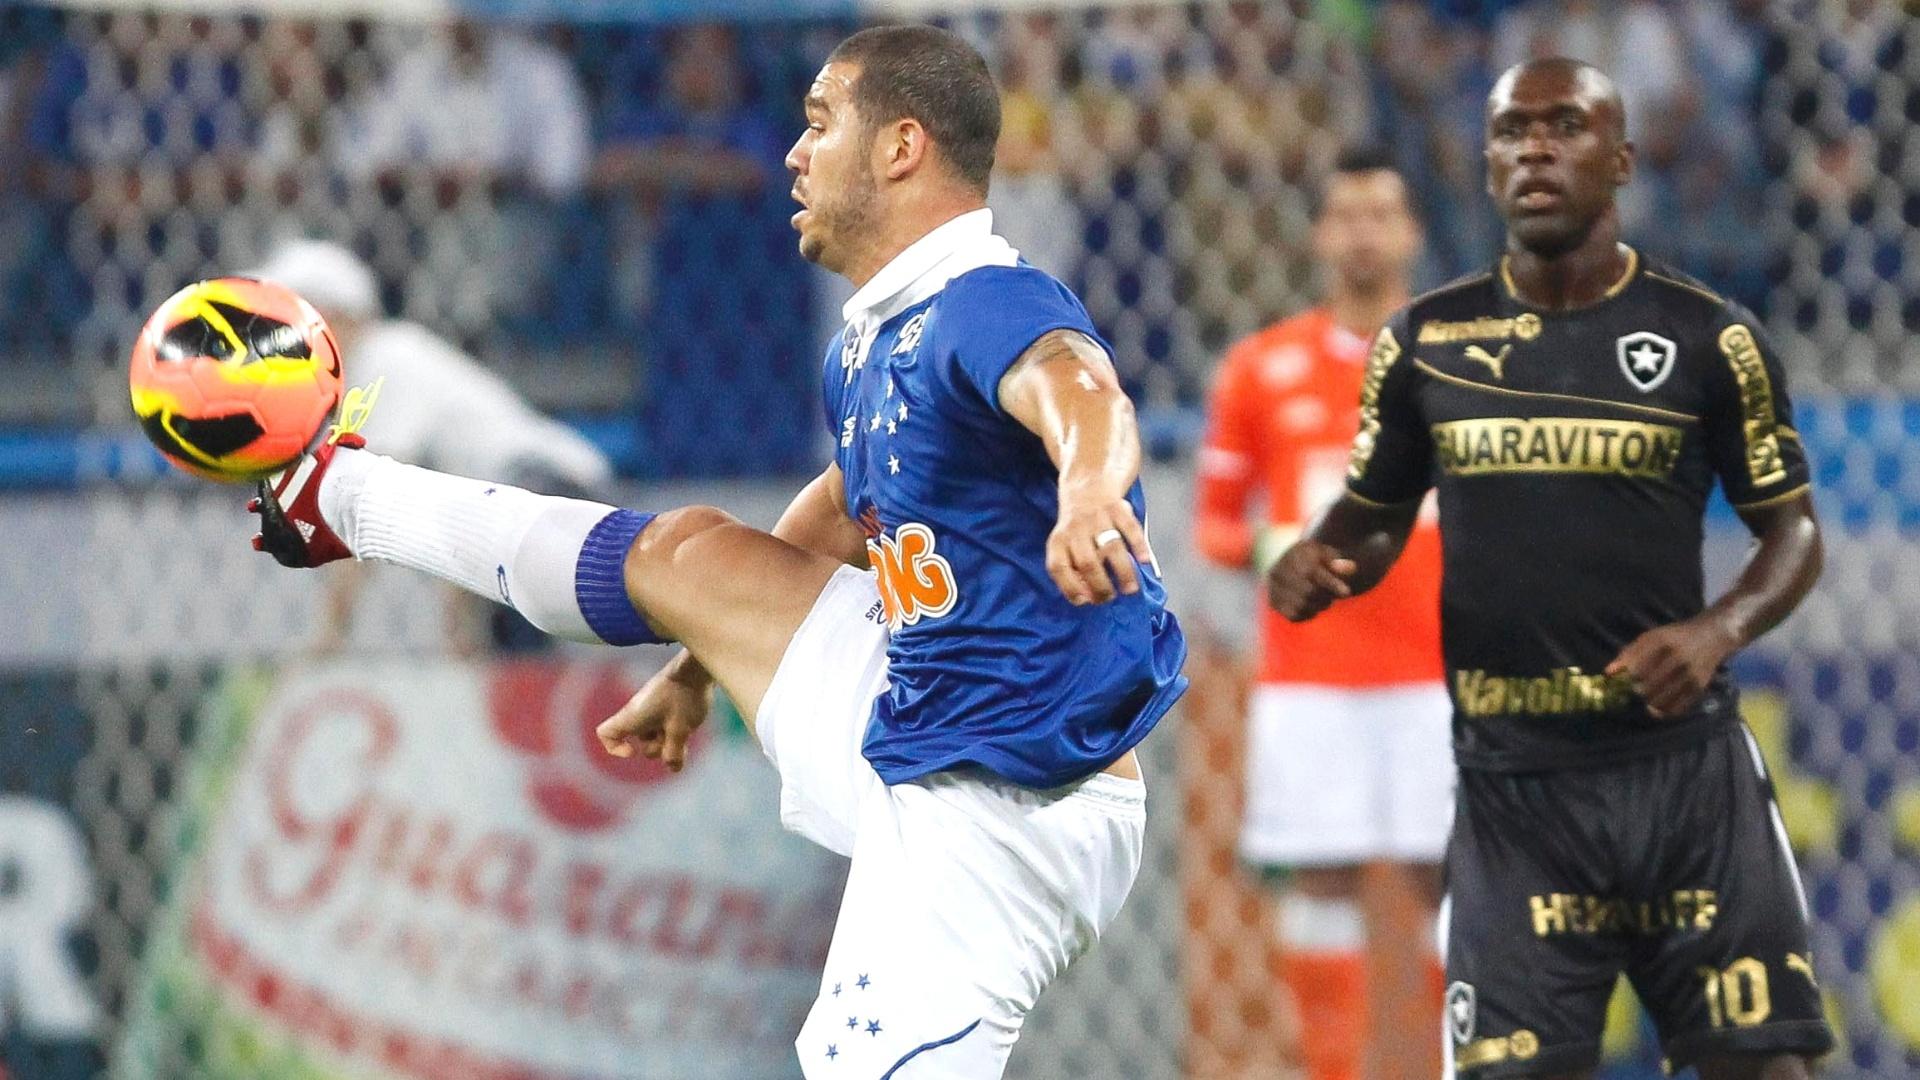 Volante Nilton durante a vitória do Cruzeiro sobre o Botafogo, por 3 a 0, no Mineirão, pelo Brasileirão (18/9/2013)